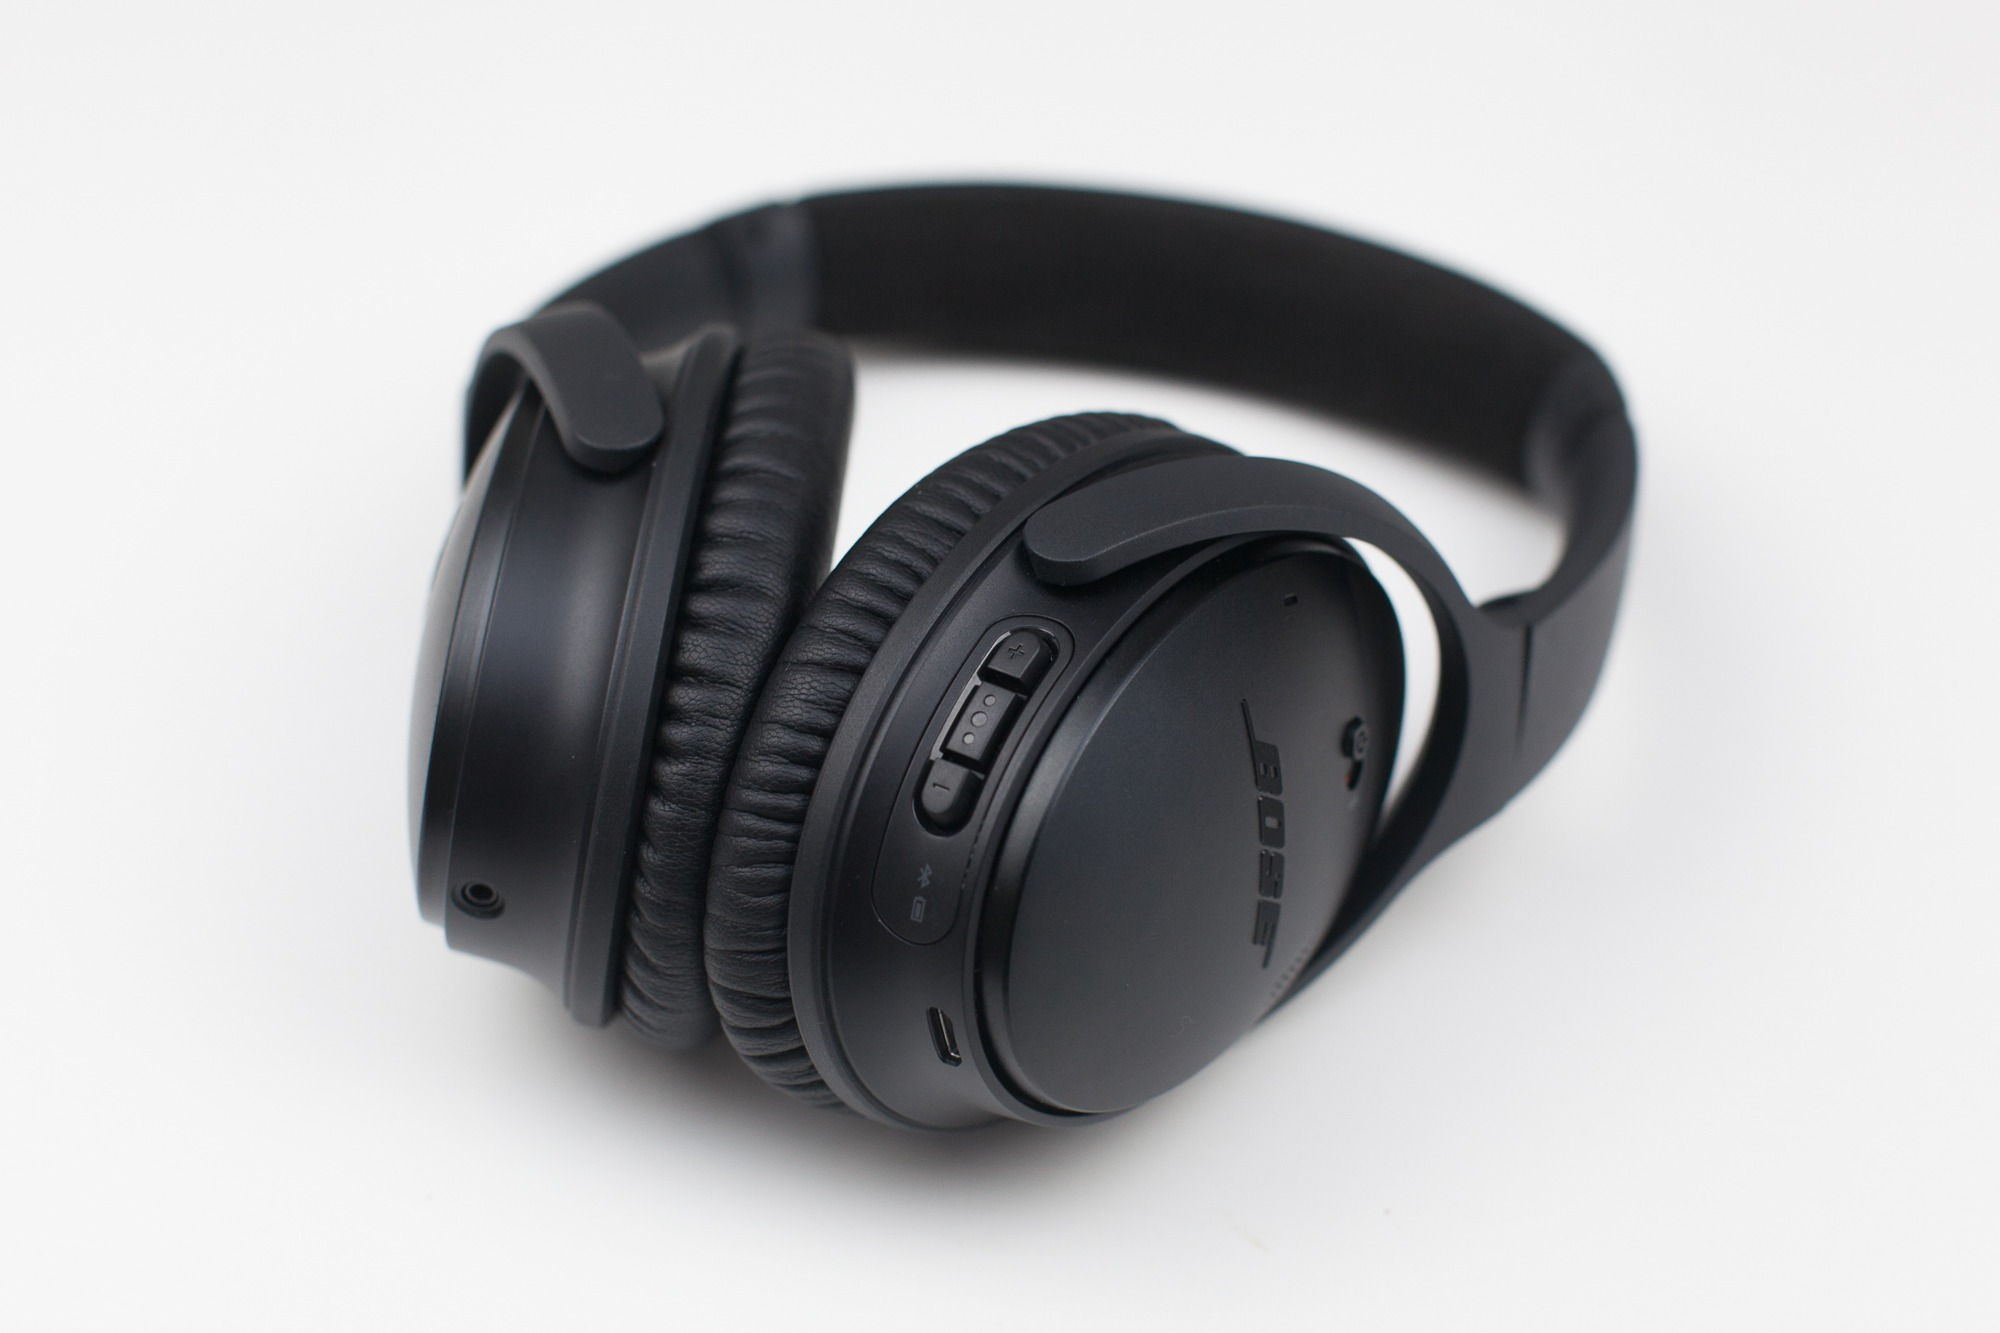 design-casque-qc35-2